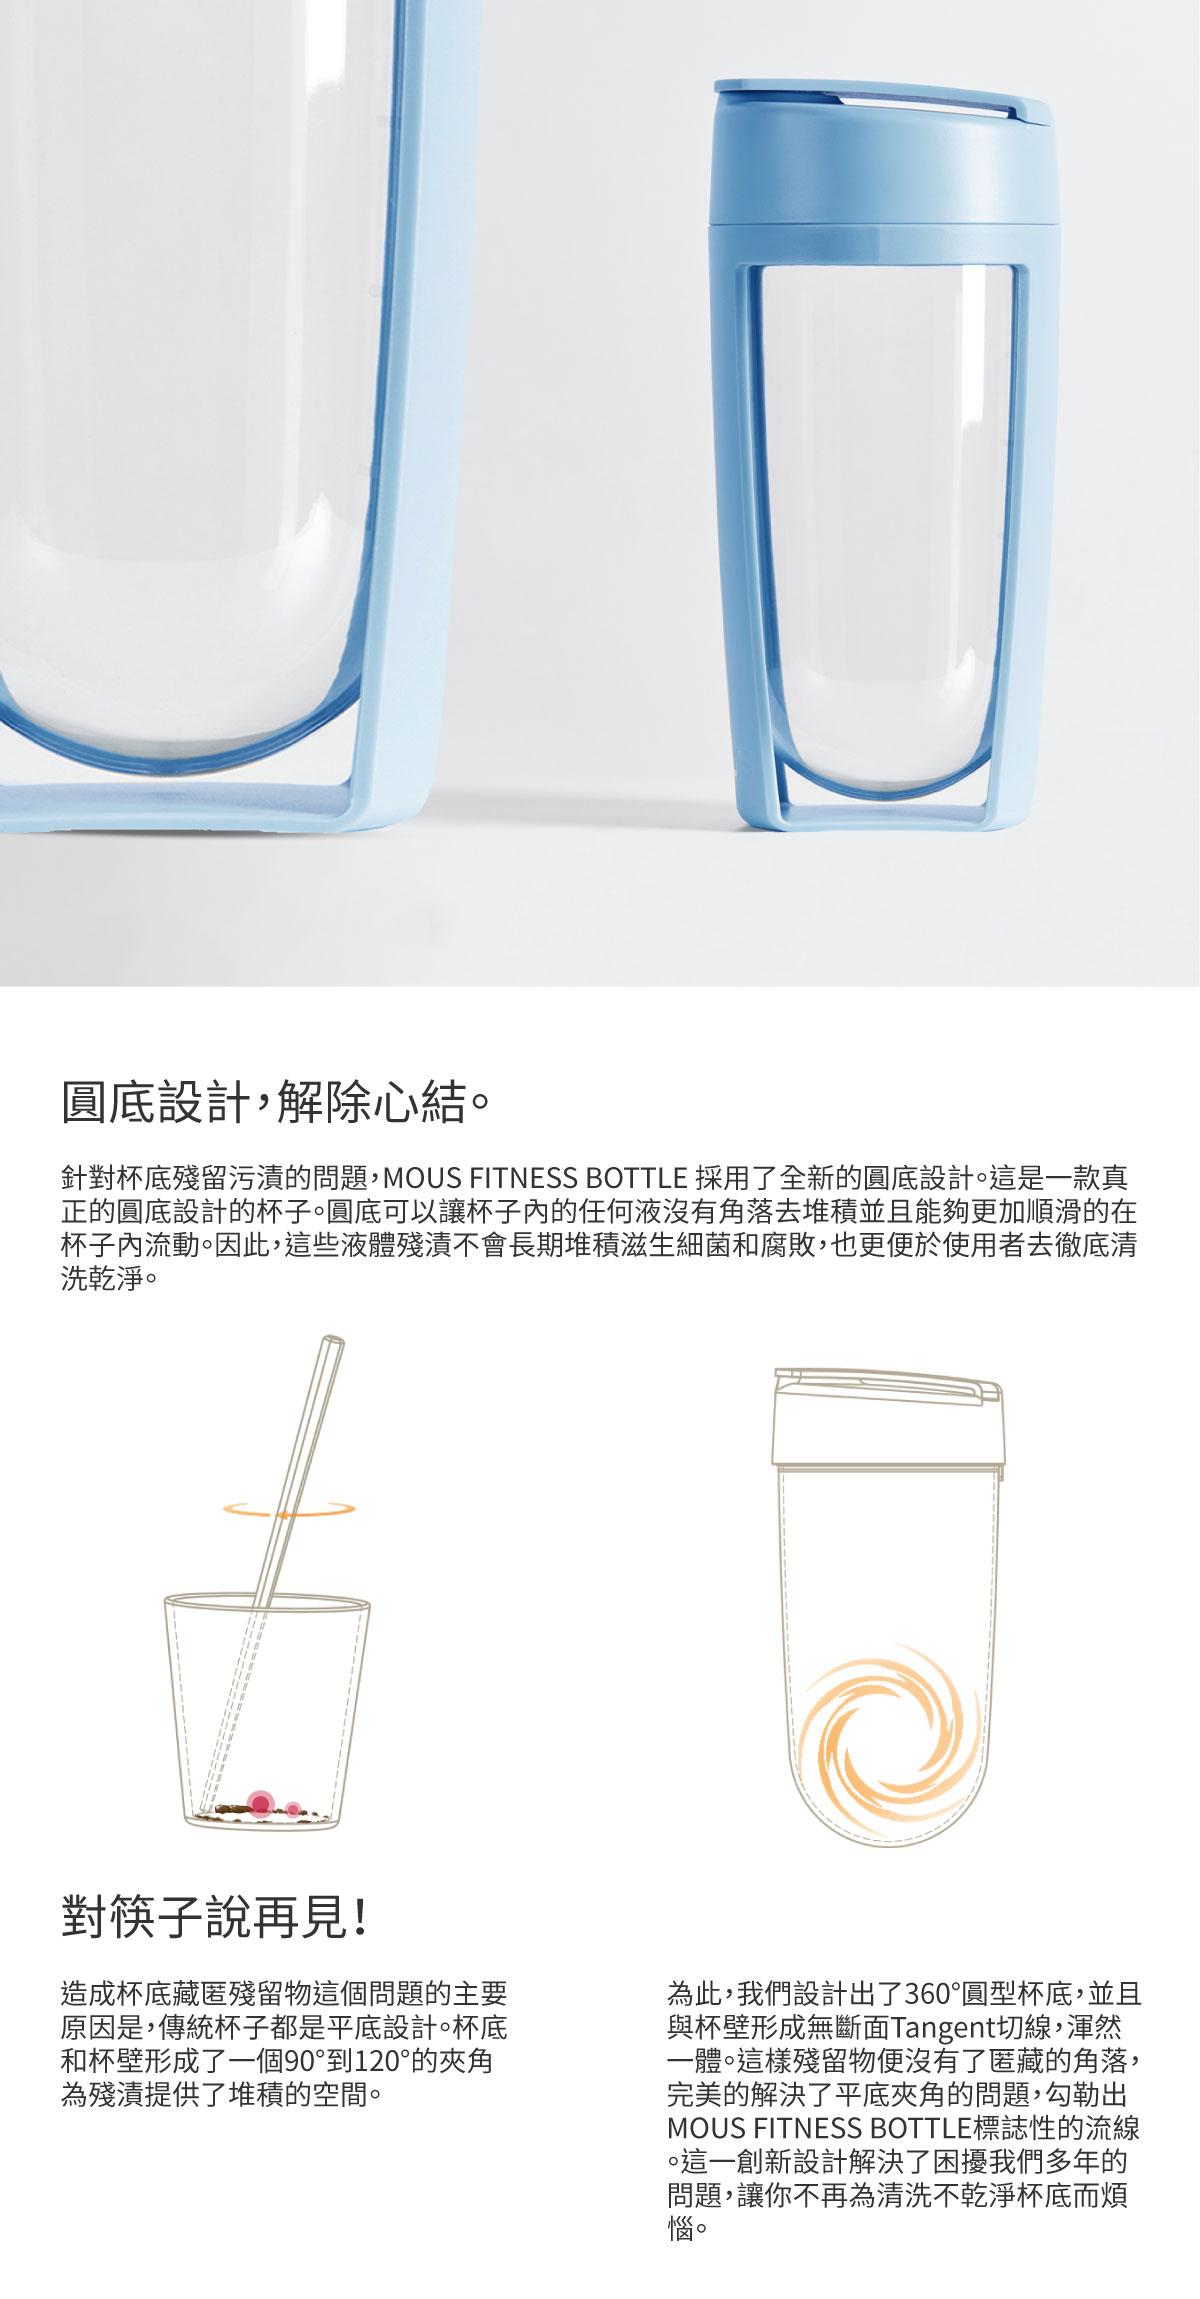 圓底設計的杯底不易殘留異物及孳生細菌